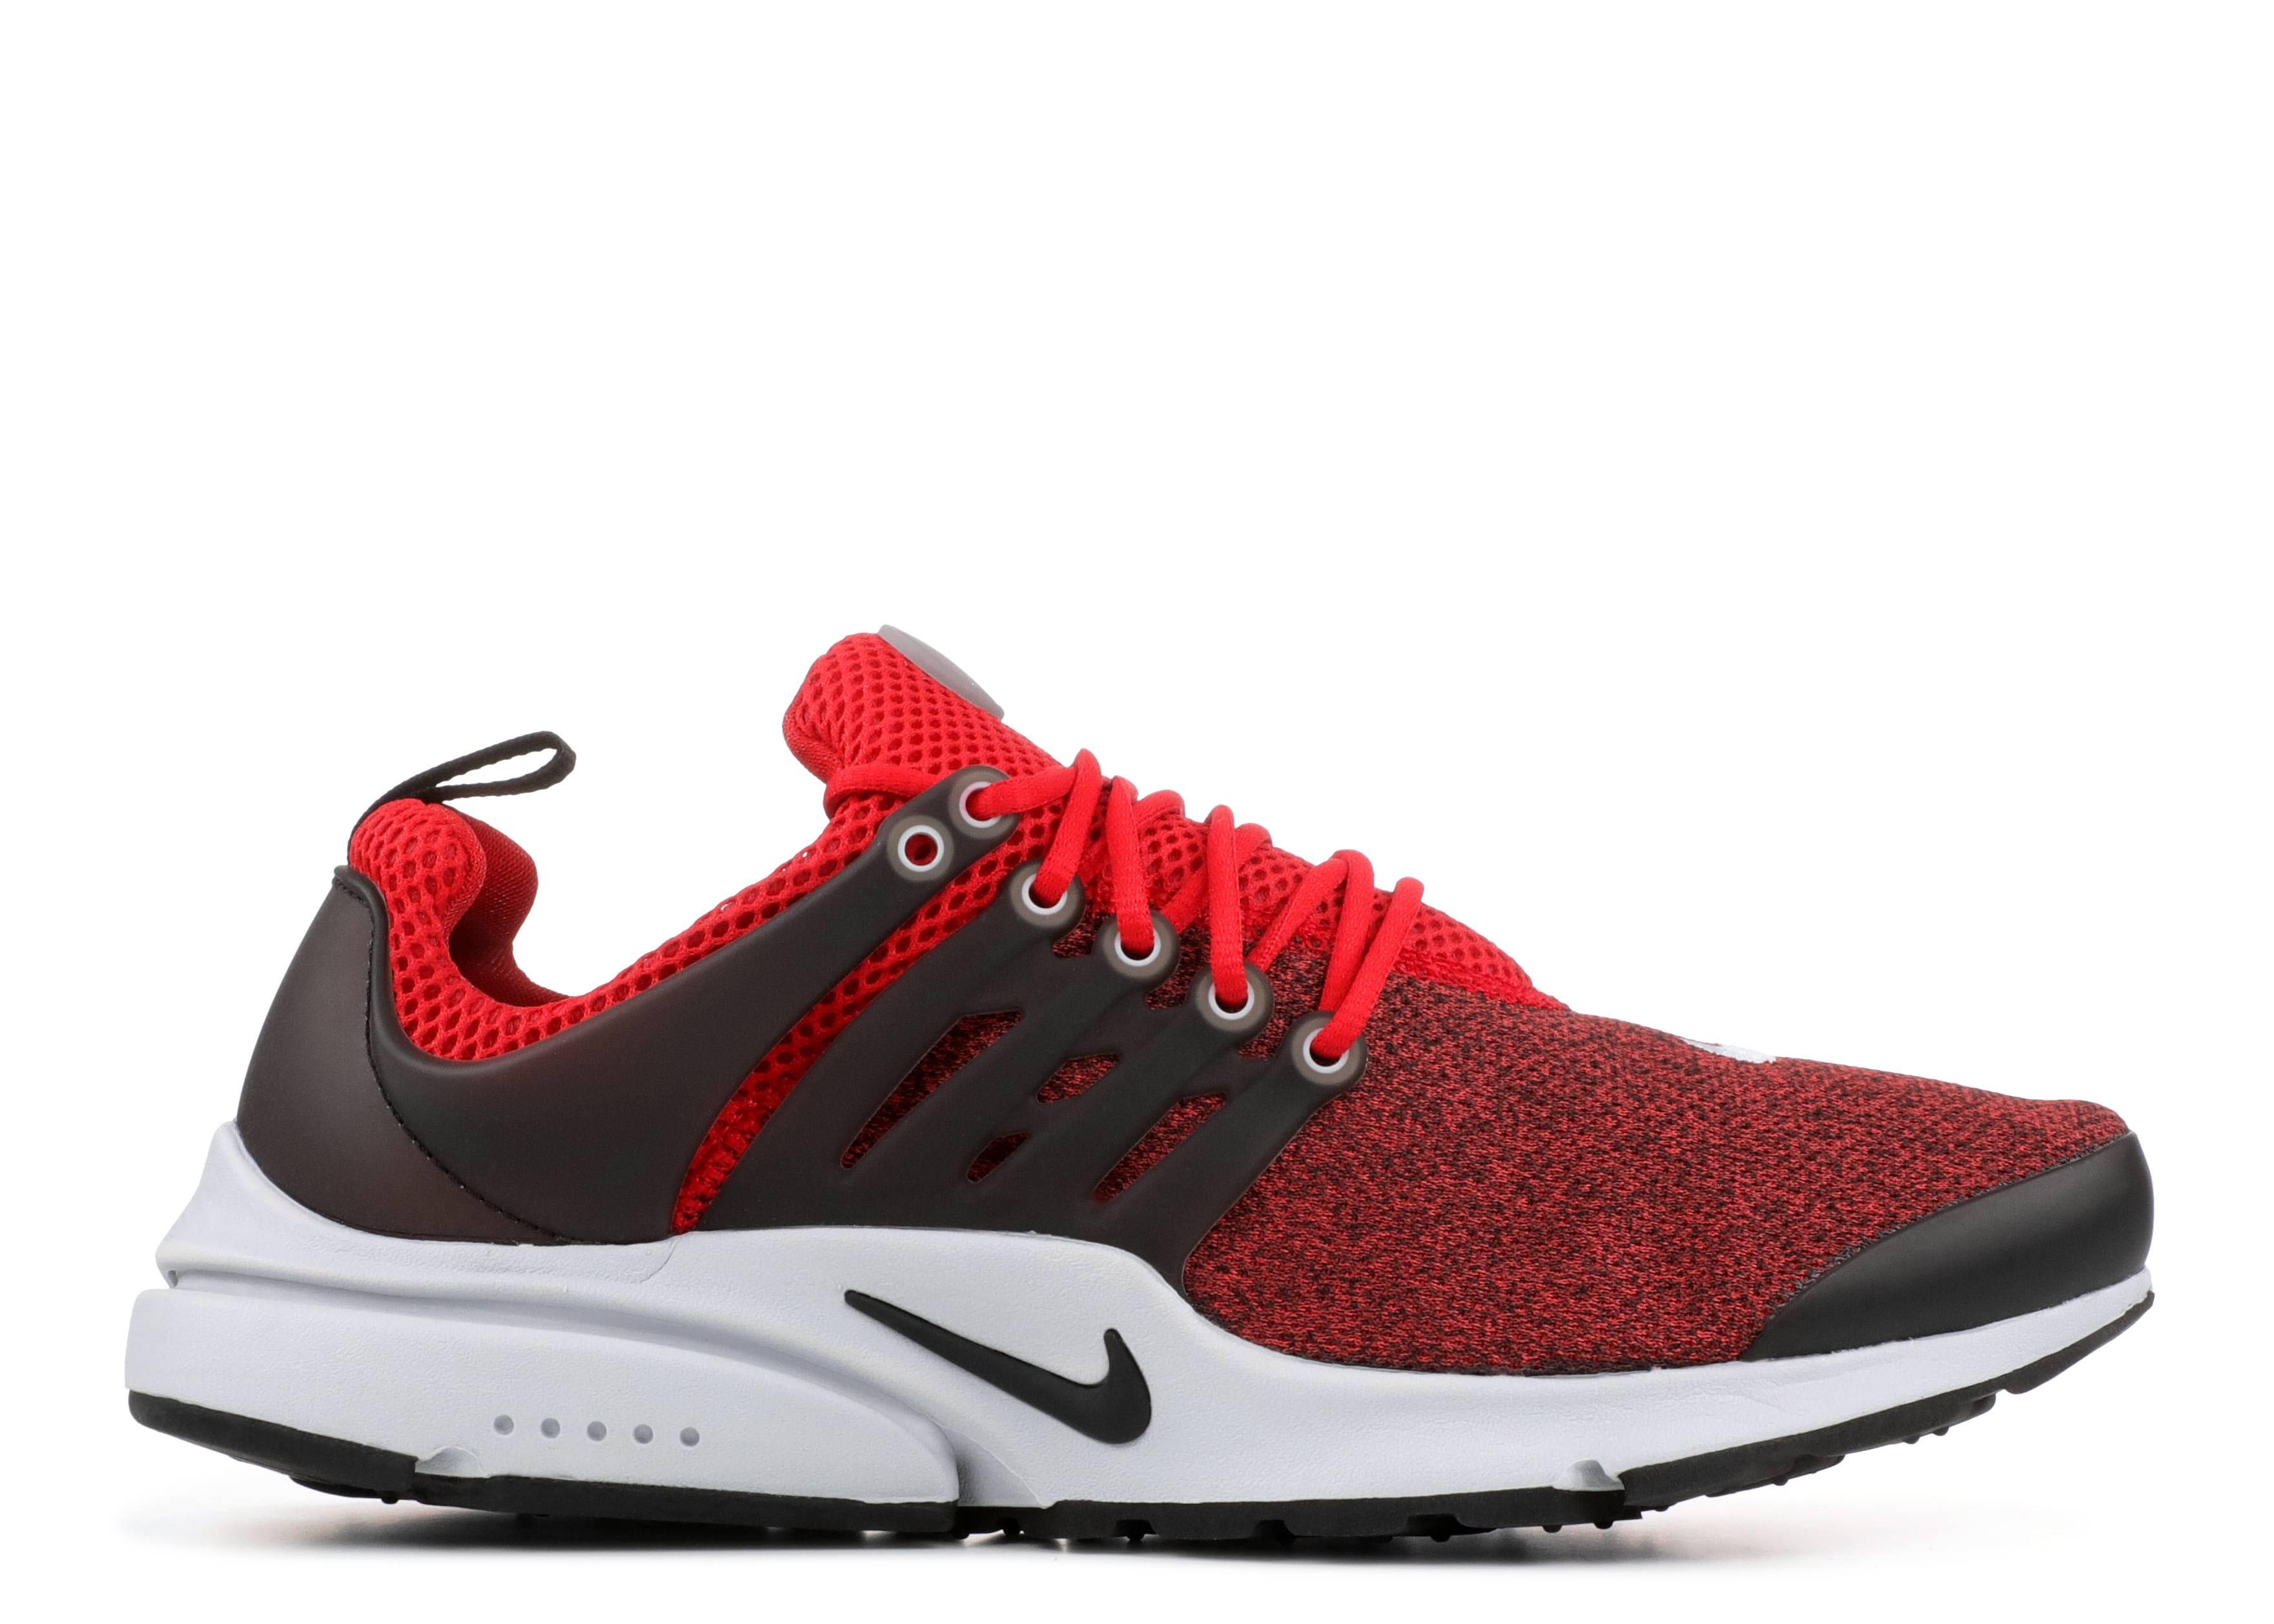 49451f4395cc Nike Air Presto Essential